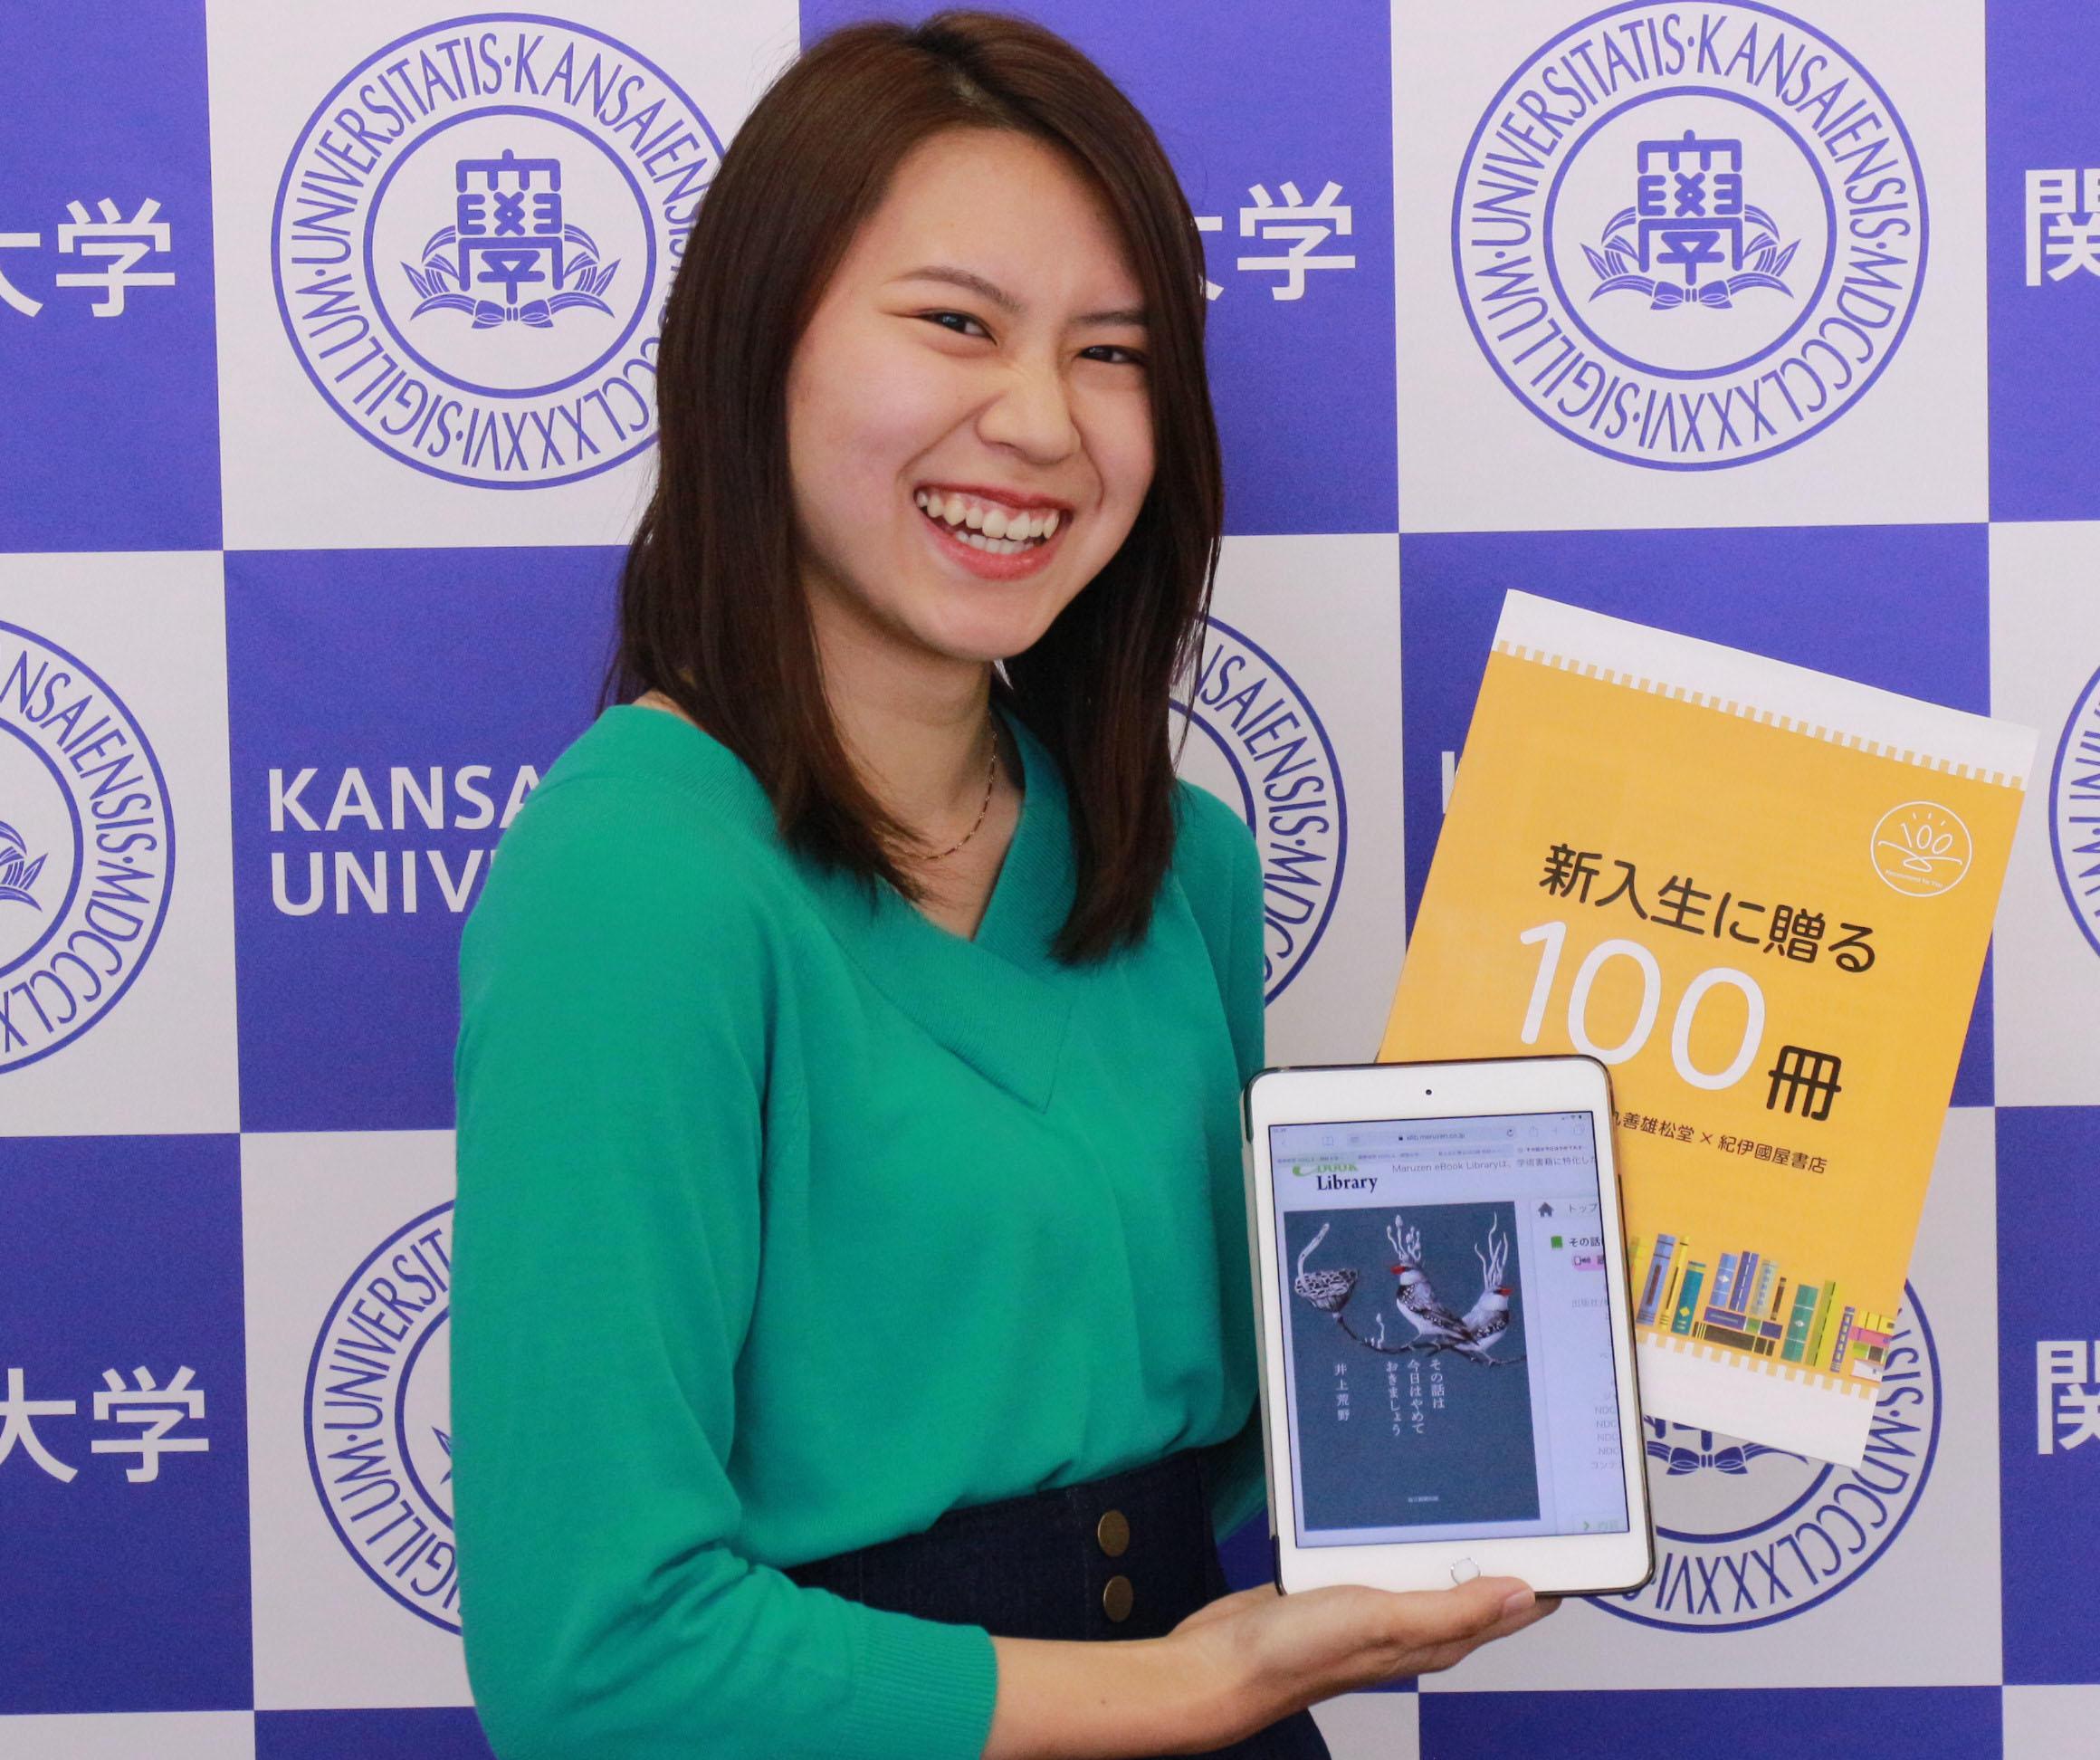 ◆関西大学図書館がオーダーメイド選書で''あなたの1冊''をマッチング!◆丸善雄松堂・紀伊國屋書店とのコラボ企画